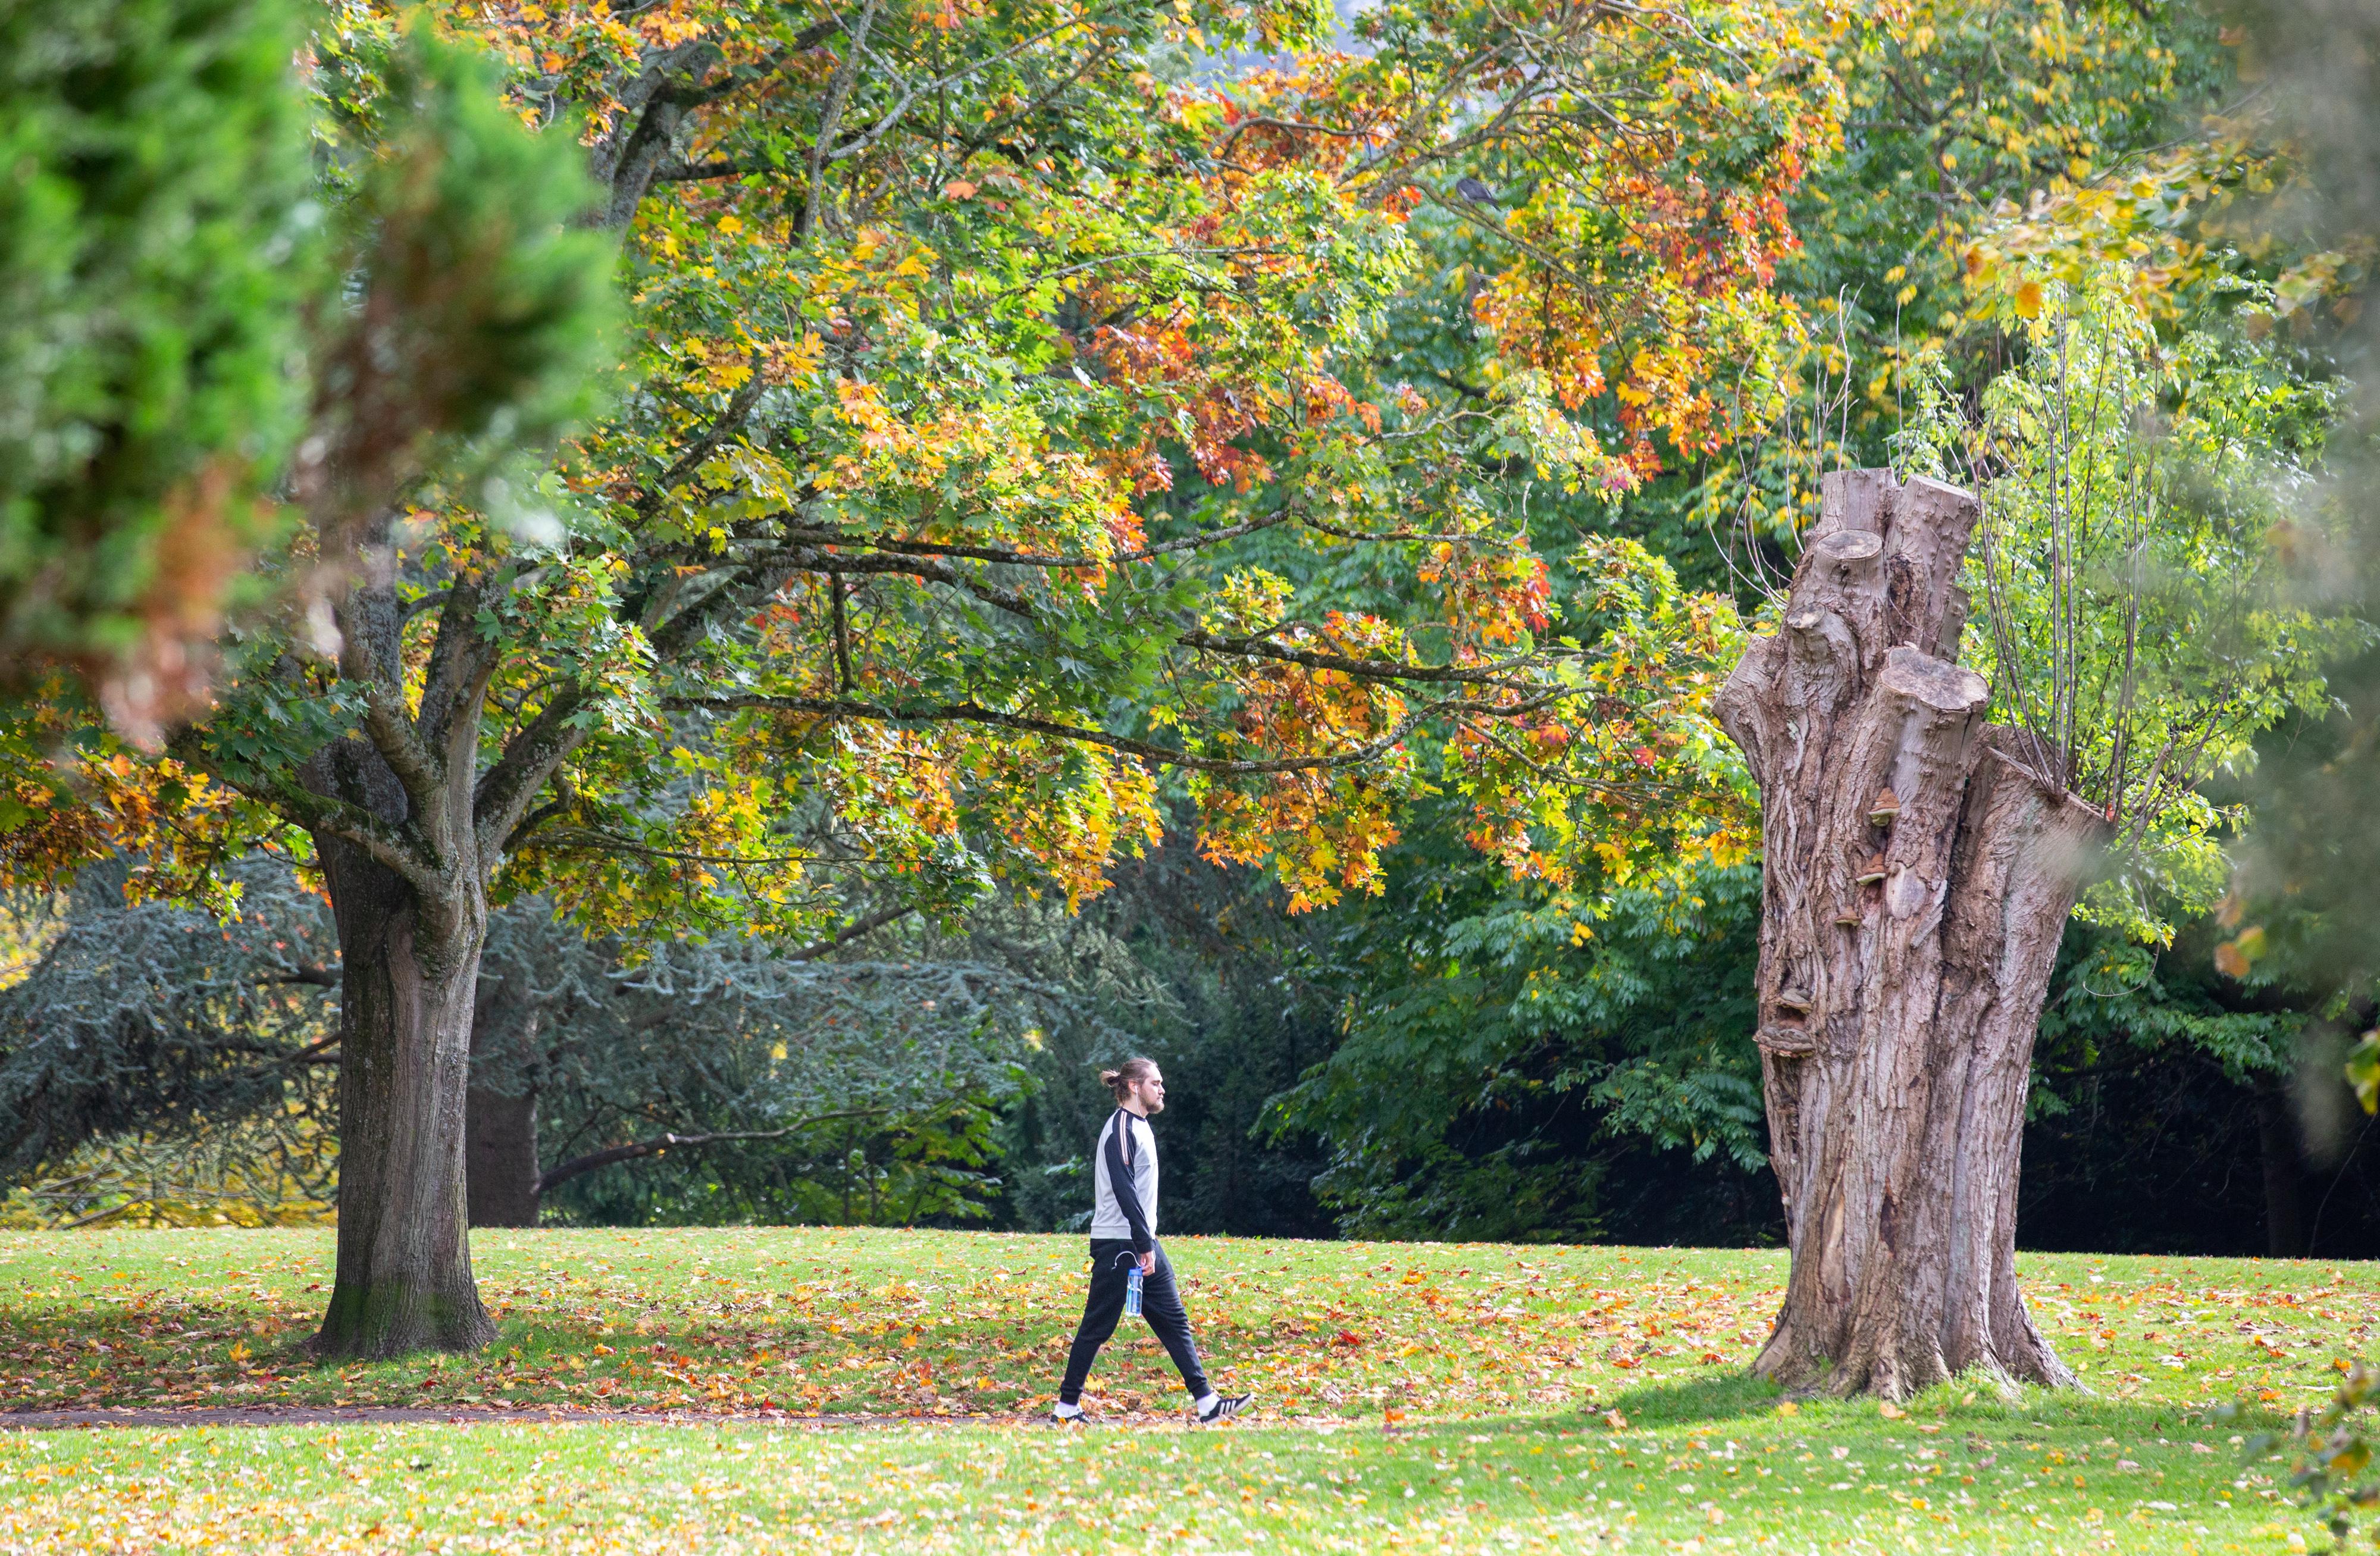 Man walking through a park